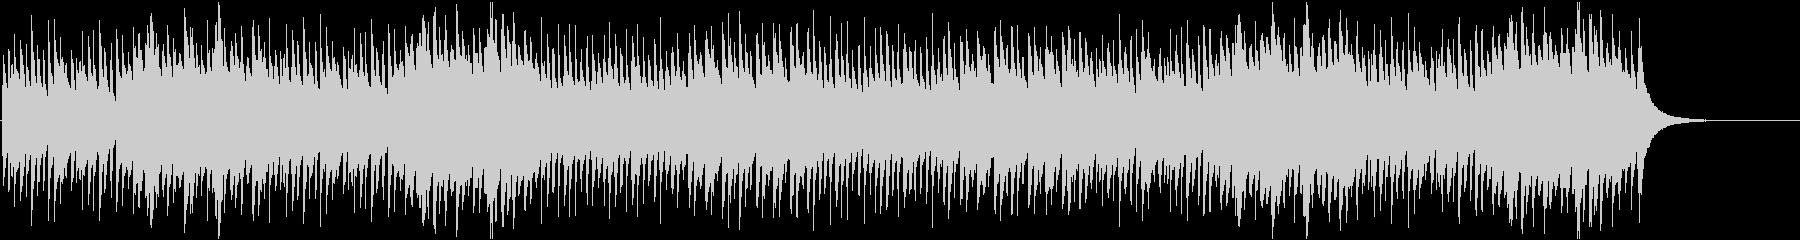 企業VP22 16bit48kHzVerの未再生の波形